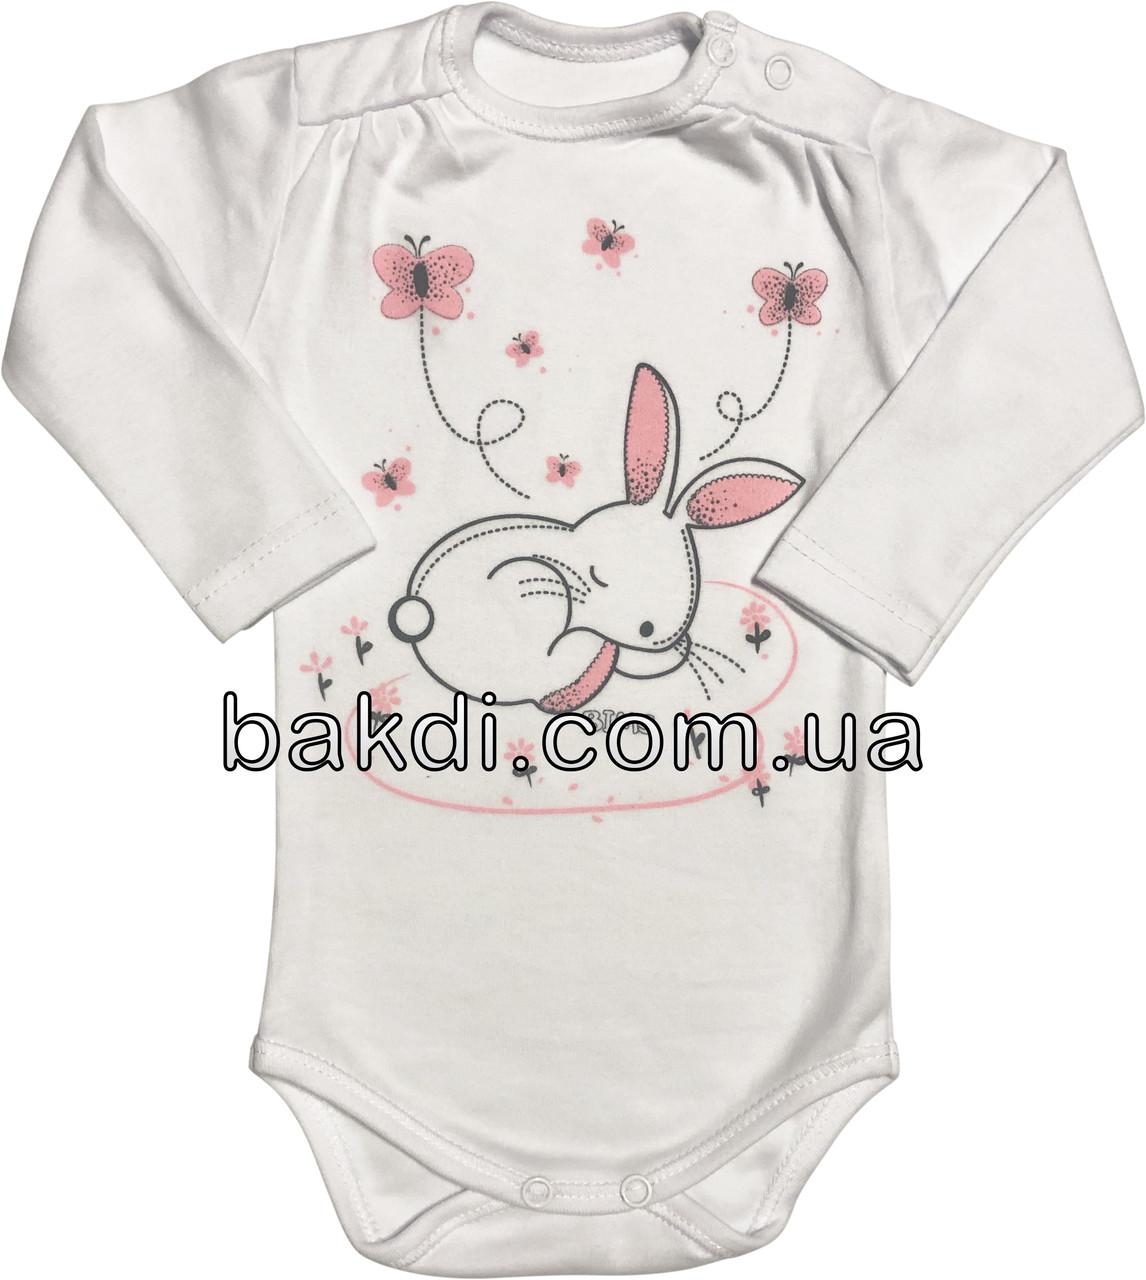 Детское боди на девочку рост 62 2-3 мес для новорожденных трикотажное с длинным рукавом интерлок белое